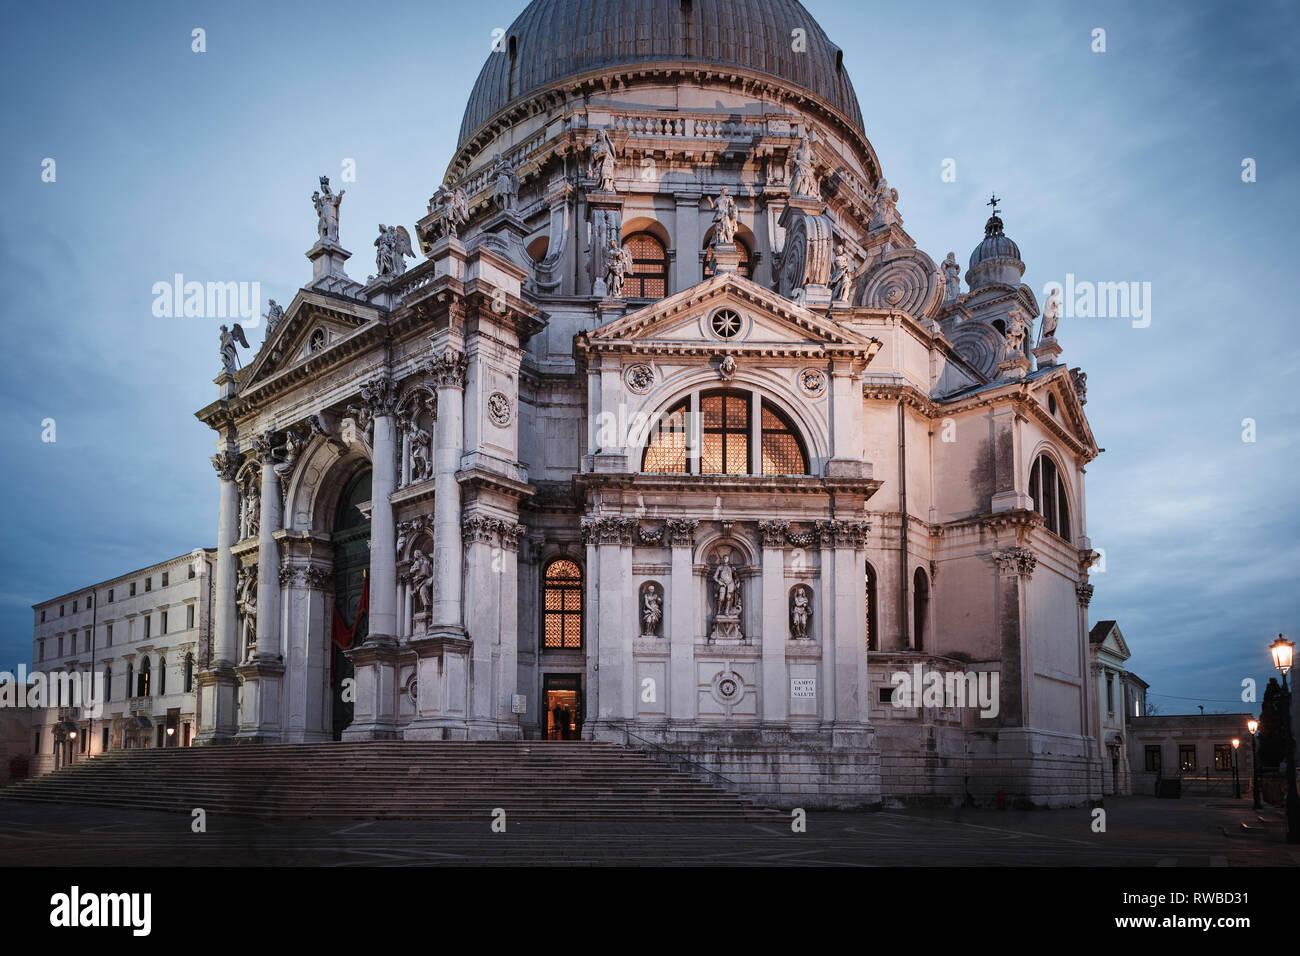 Santa Maria della Salute church in the evening, Venice, Italy - Stock Image